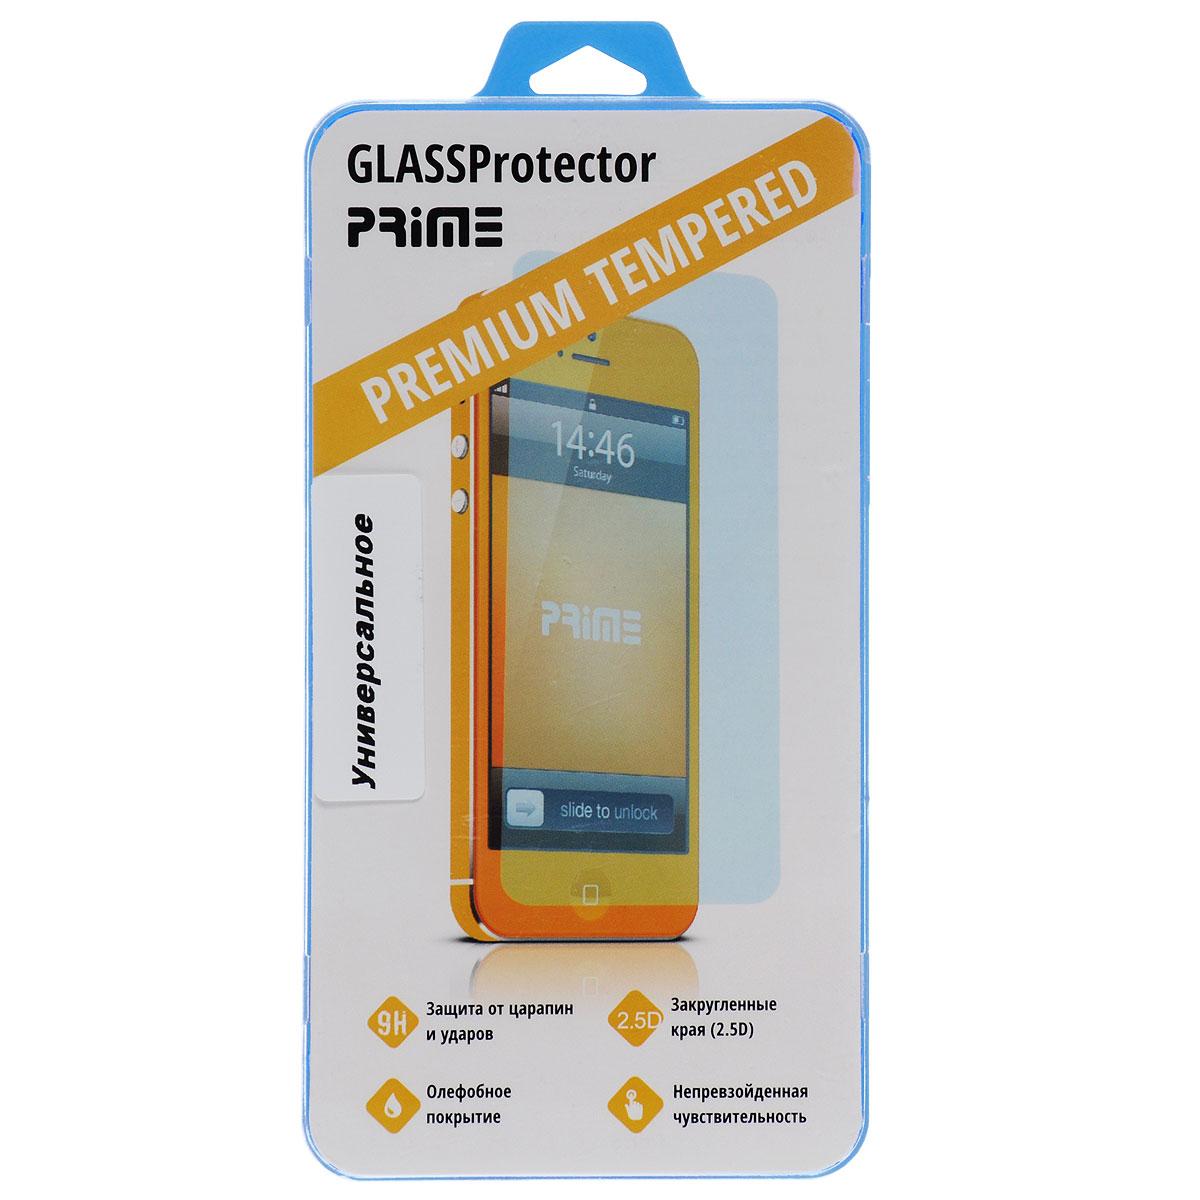 Prime Universal защитное стекло для устройств с экраном 4.5SP-137Прочное защитное стекло Prime Universal выполнено путем закаливания. Обеспечивает более высокий уровень защиты по сравнению с обычной пленкой. При этом яркость и чувствительность дисплея не будут ограничены. Препятствует появлению воздушных пузырей и надежно крепится на экране устройства. Имеет олеофобное покрытие.